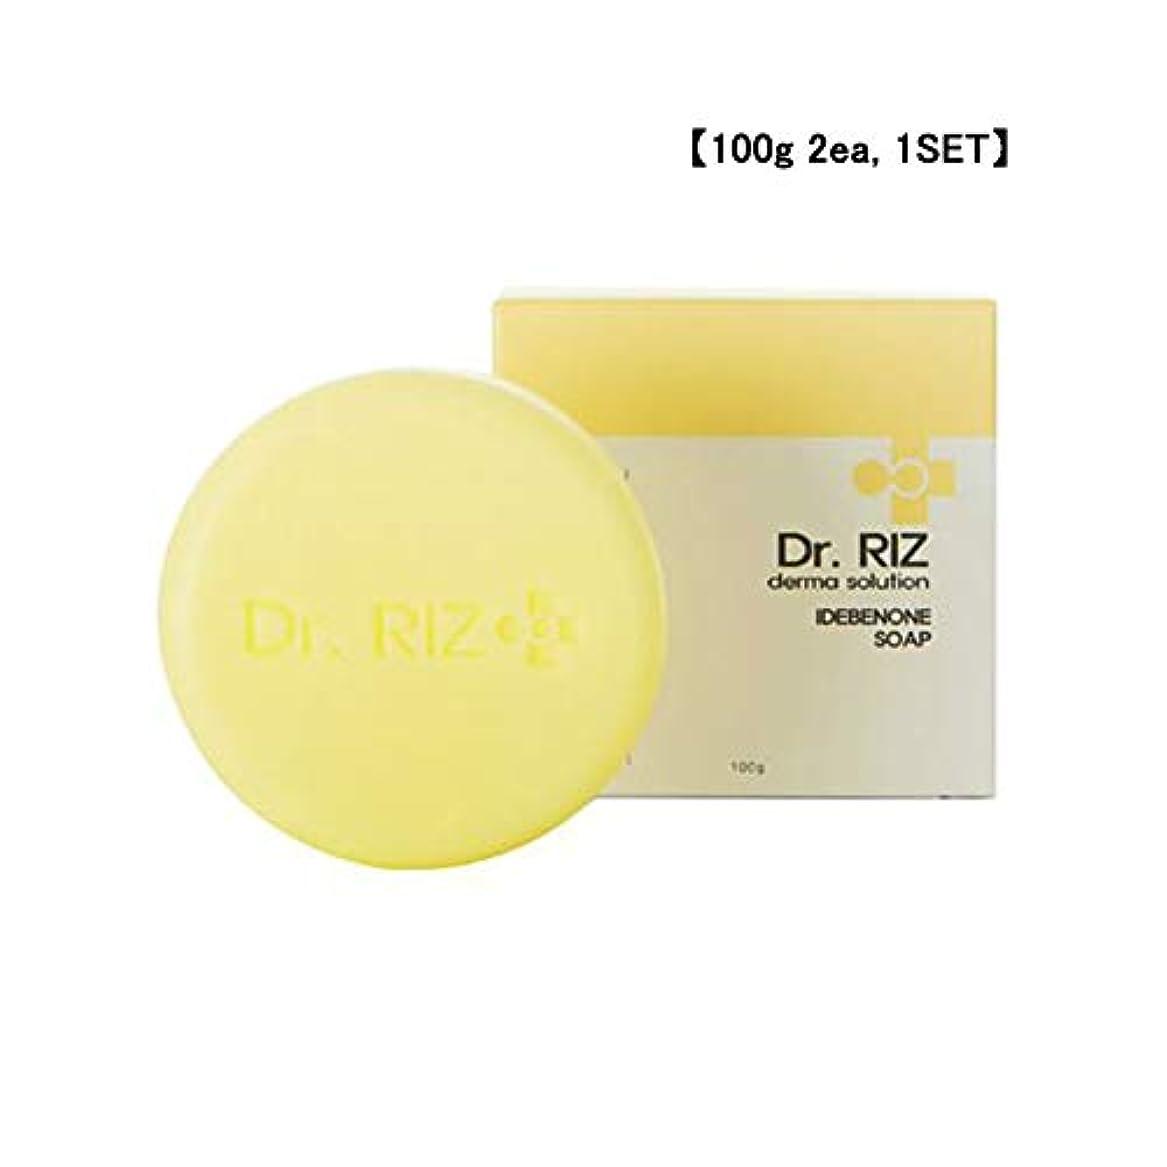 節約するマイルつま先【Dr.RIZ]天然手作り石鹸/イーベノン10,000ppm含有/英国オーガニック認定原料ローズヒップオイル配合/Derma solution [並行輸入品] (100g 2ea)